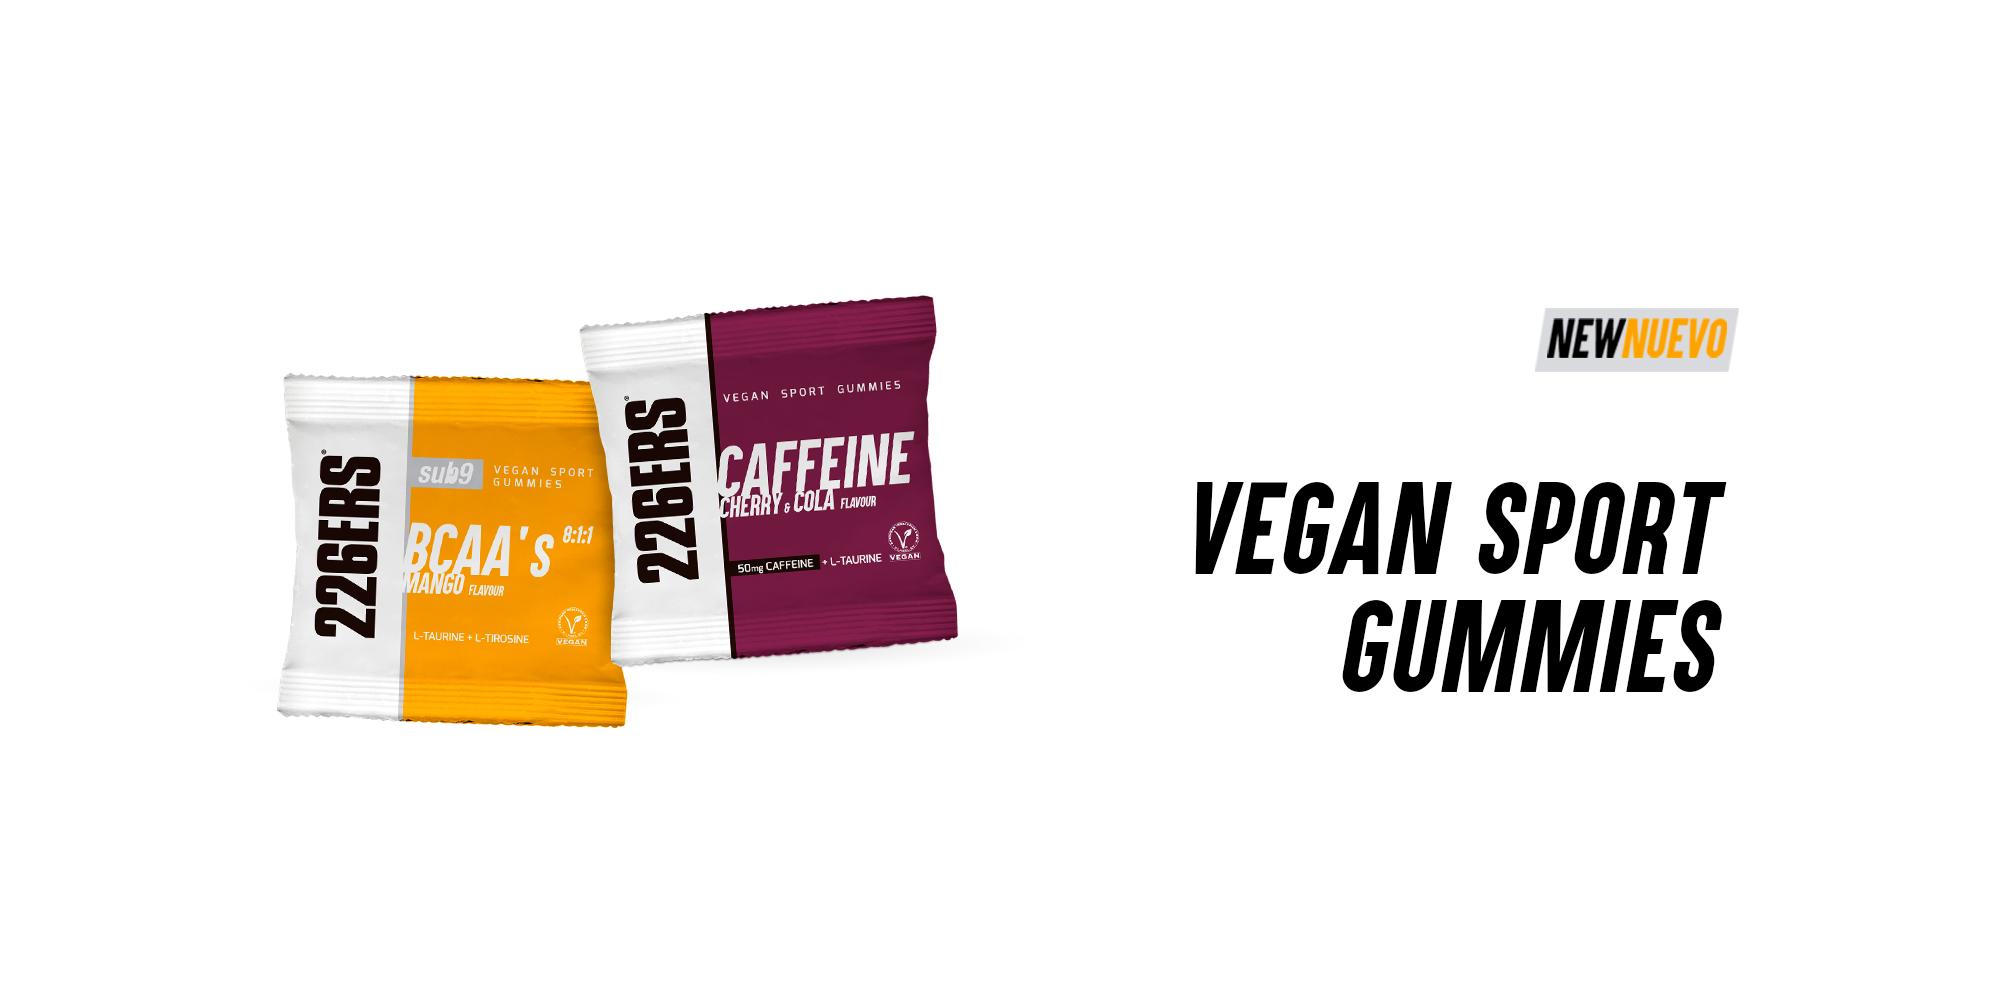 Las gominolas veganas que mejoran tu rendimiento